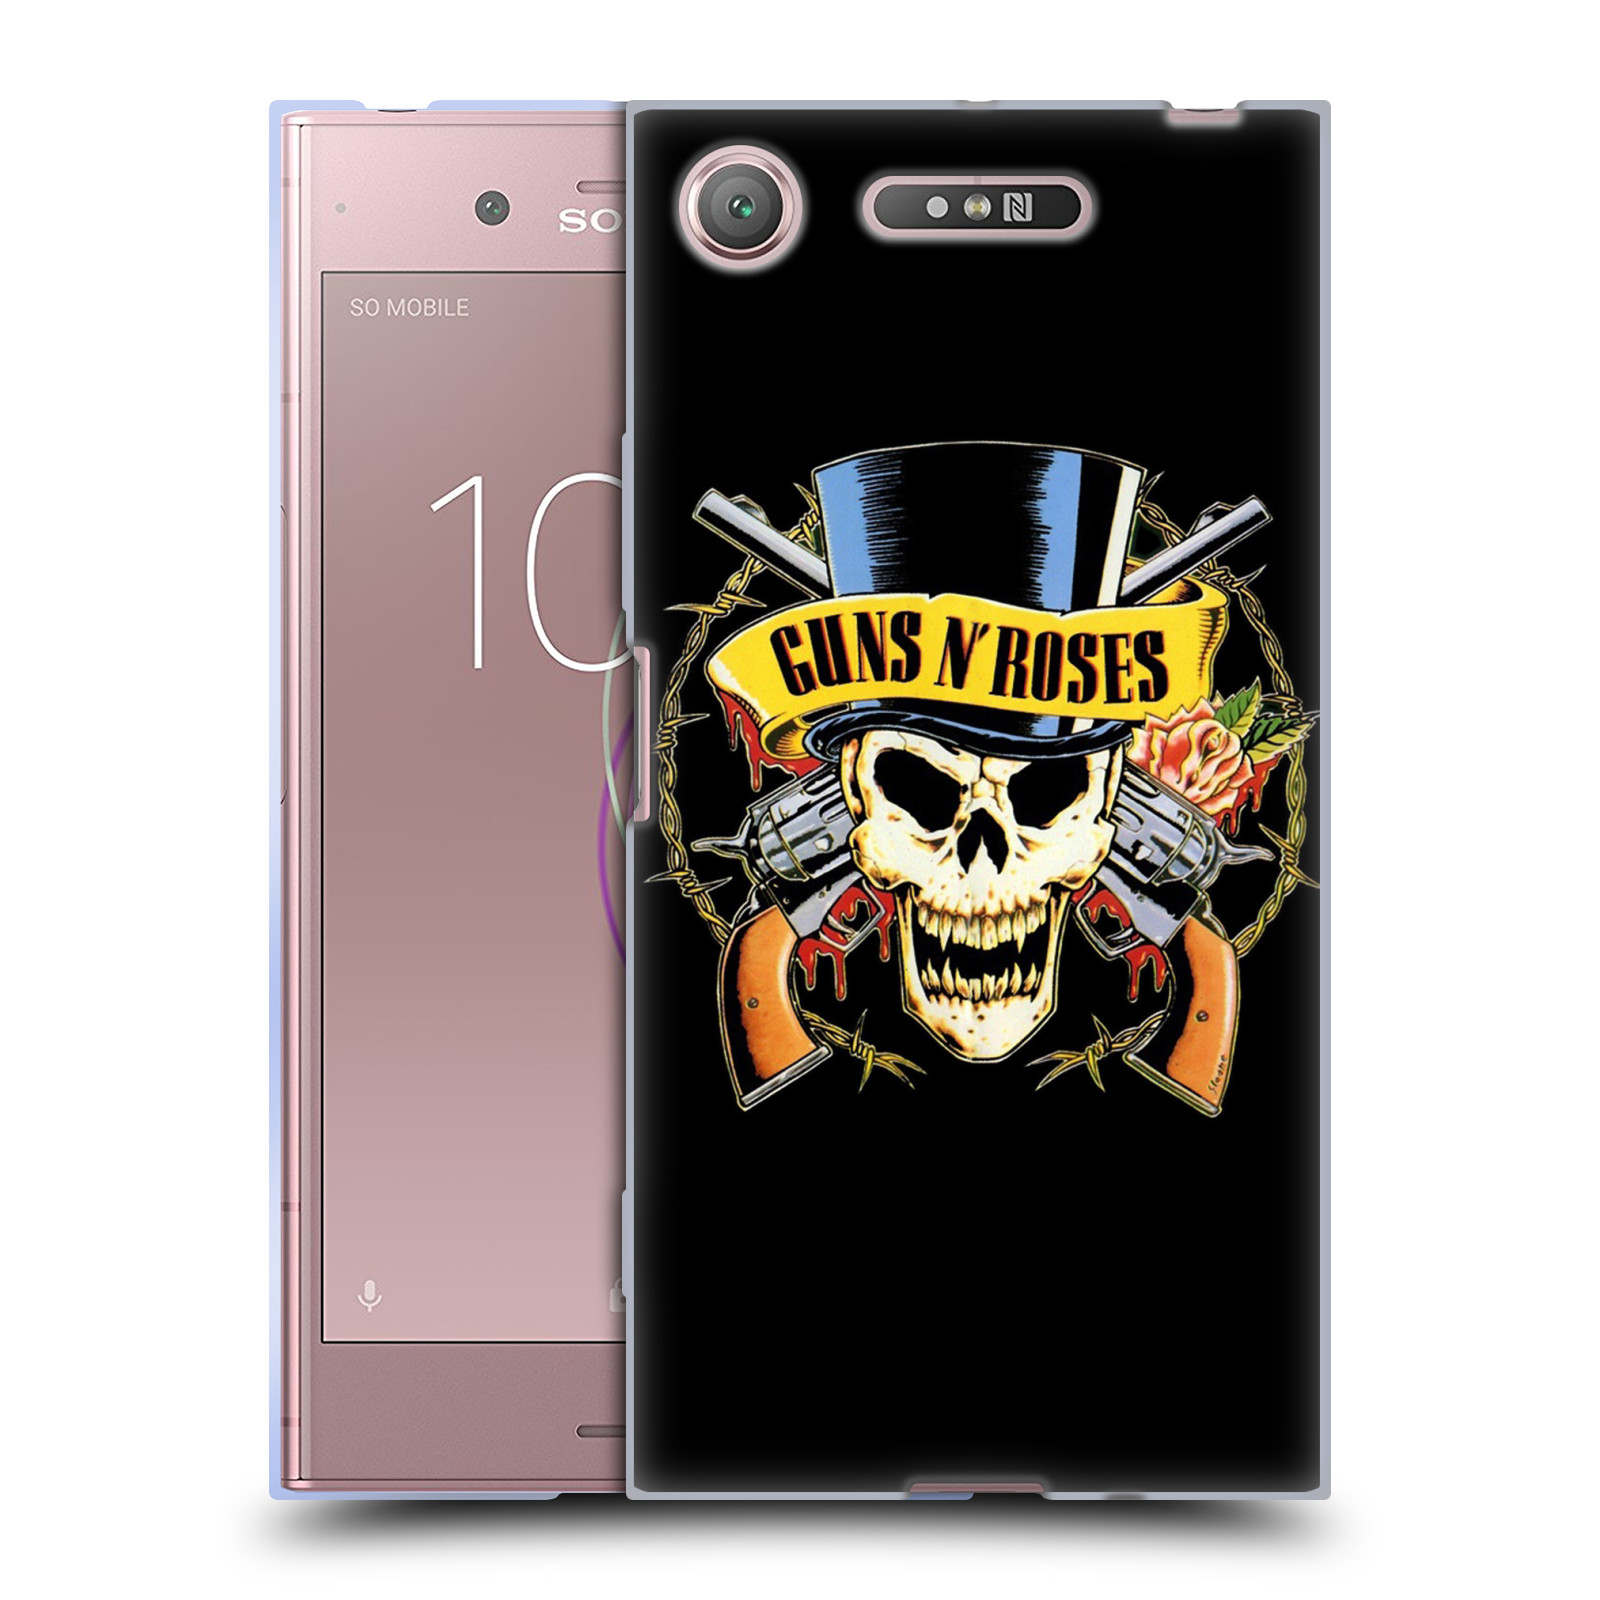 Silikonové pouzdro na mobil Sony Xperia XZ1 - Head Case - Guns N' Roses - Lebka